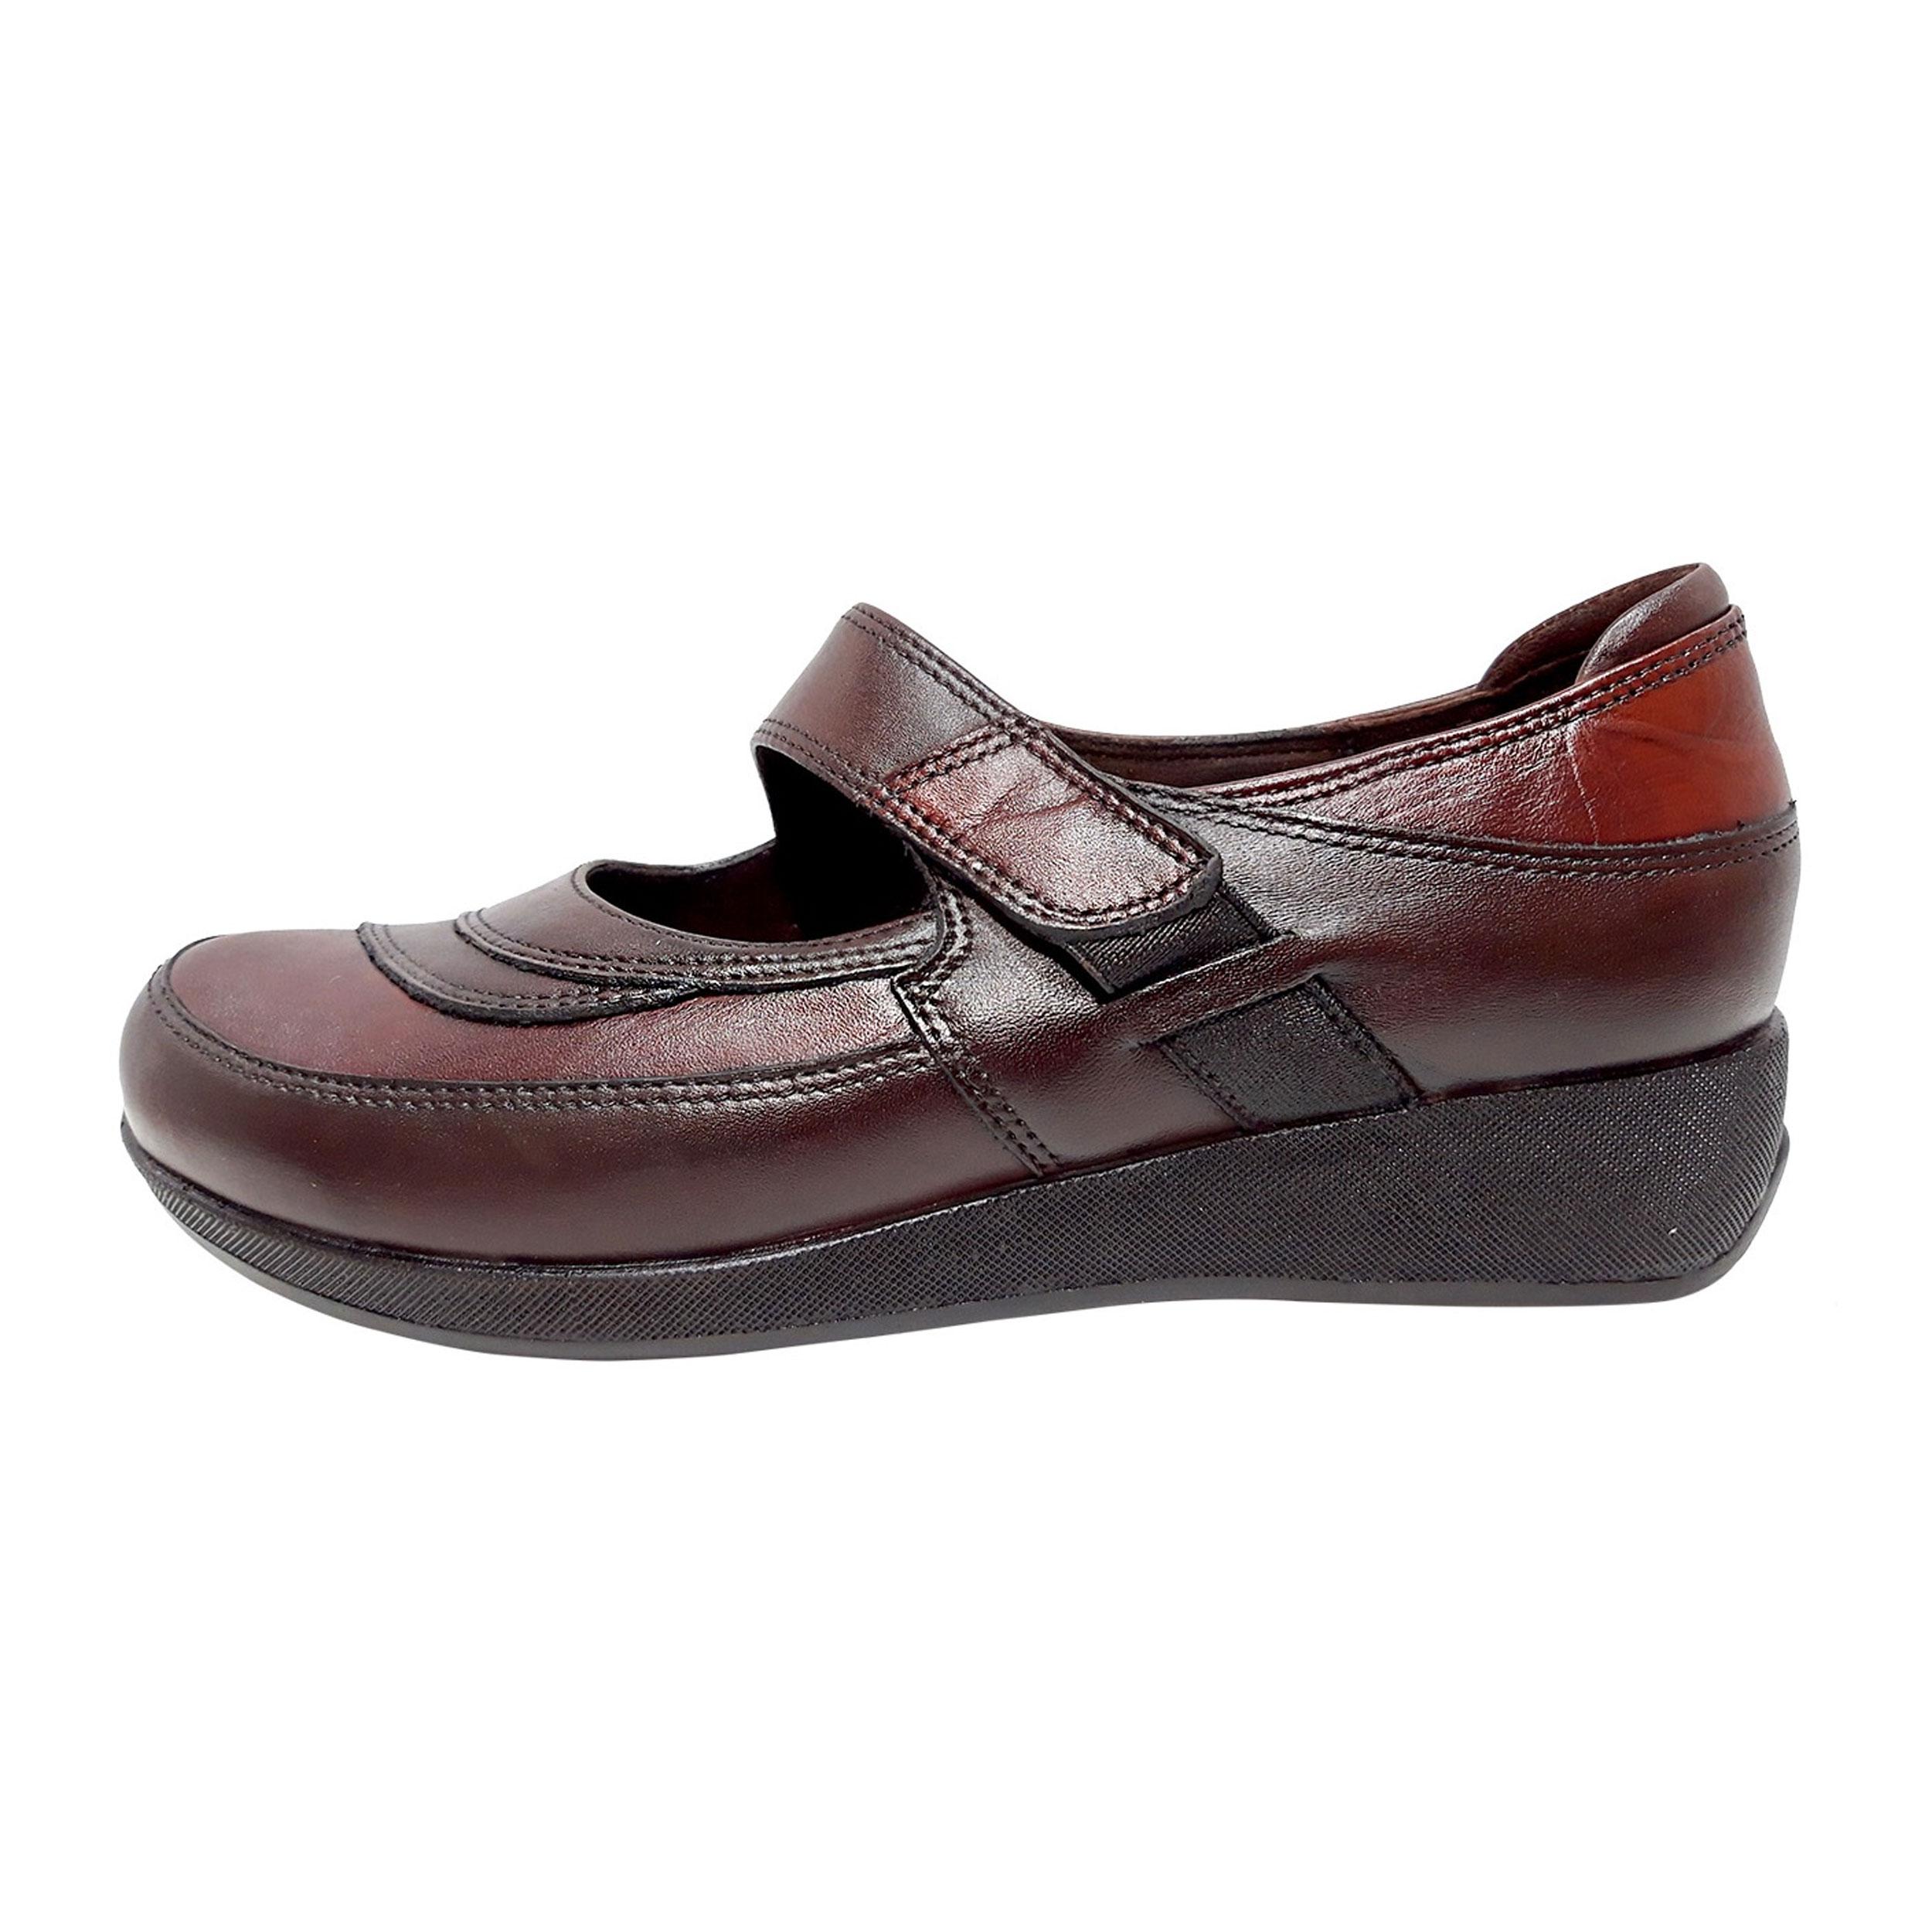 کفش روزمره زنانه روشن مدل 296 کد 02              (قیمت و عکس)